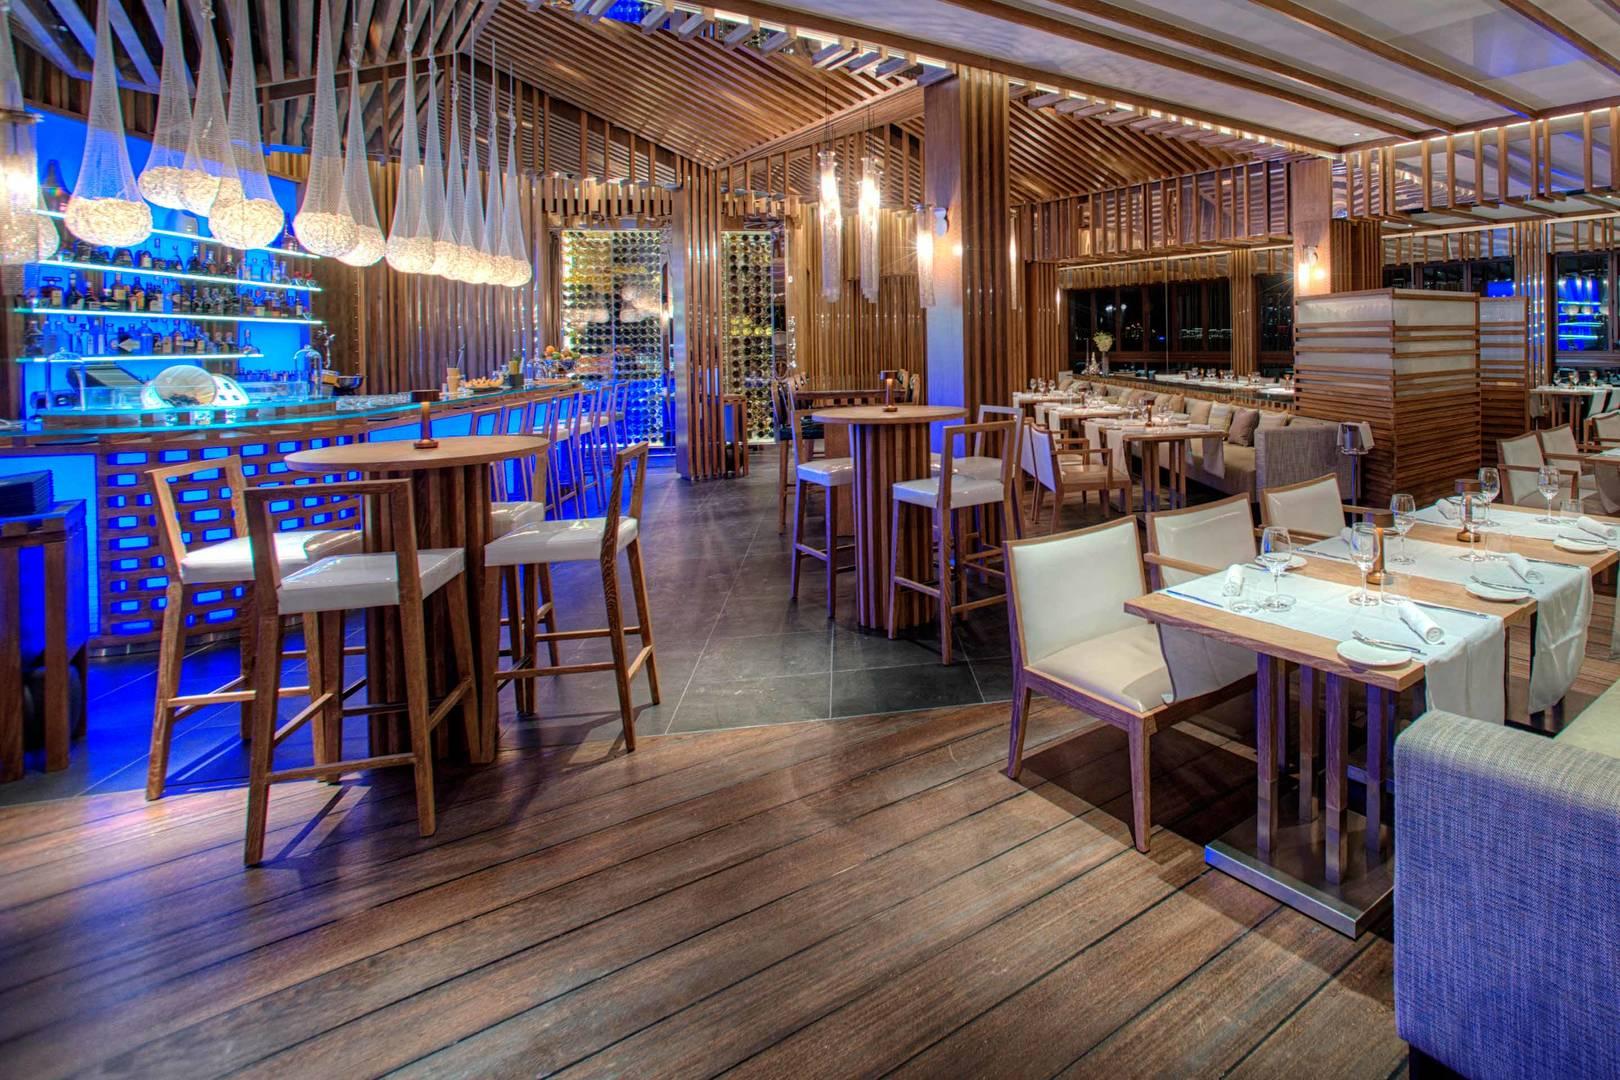 https://cdn.jumeirah.com/-/mediadh/DH/Hospitality/Jumeirah/Restaurants/Dubai/Al-Qasr-Pierchic/Hero-Banner/Madinat-Jumeirah-Al-Qasr-Pierchic-Interior_6-4.jpg?h=1080&w=1620&hash=7885011BA745FA4624D9F700AE1FFB9F